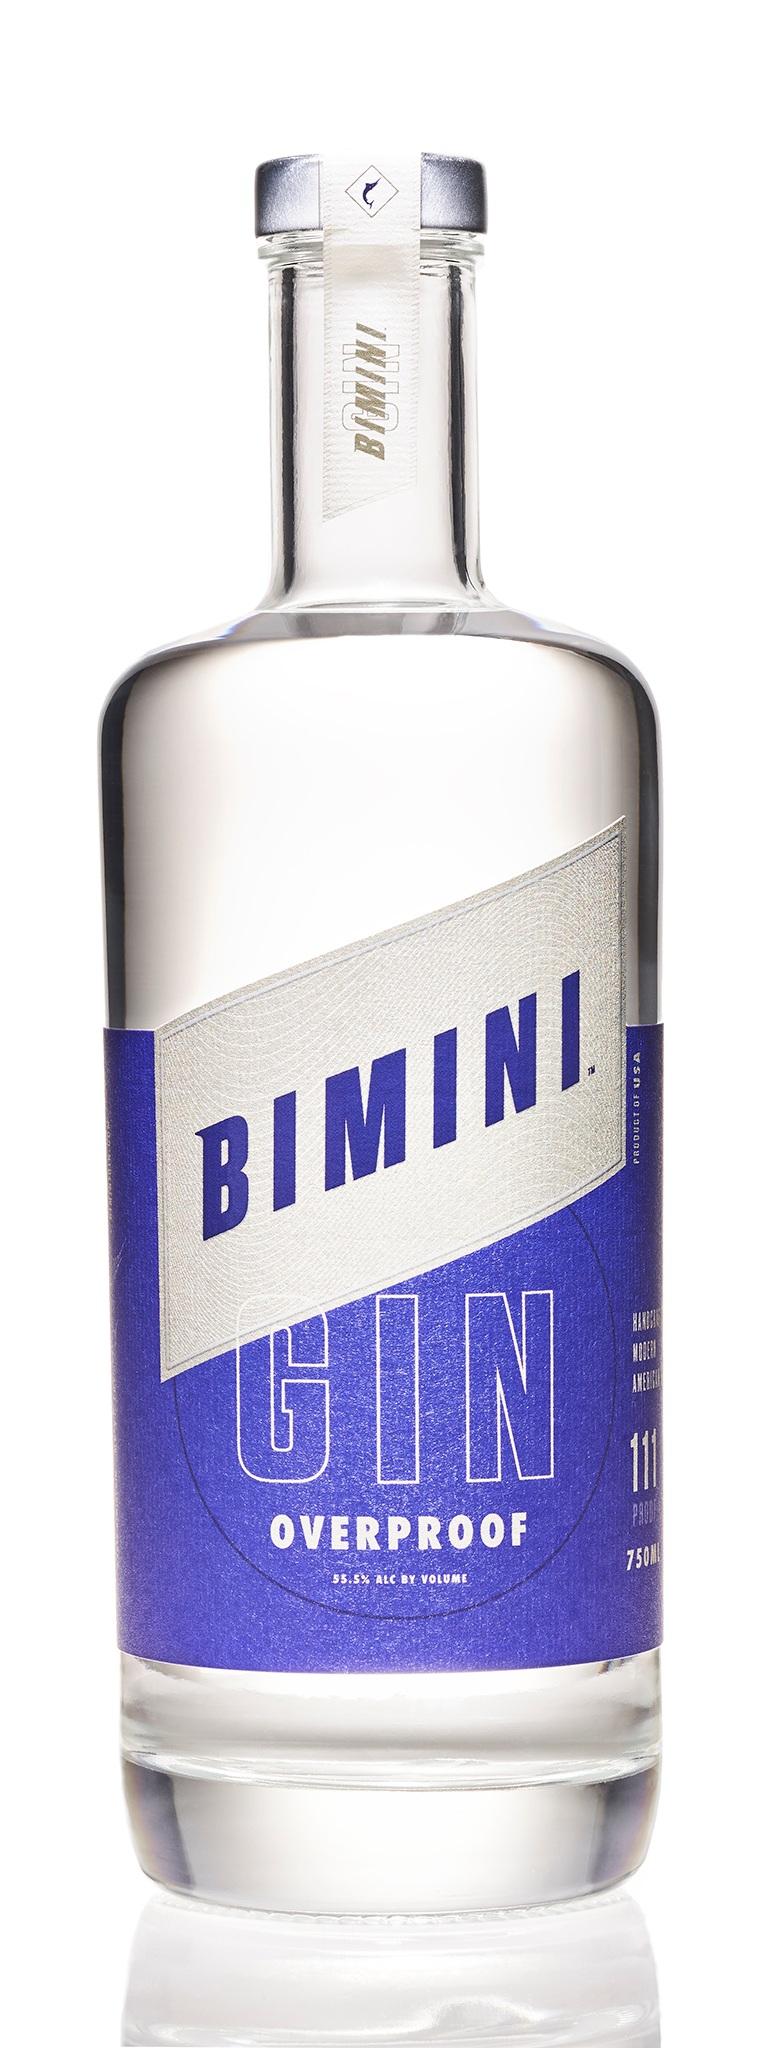 Bimini+Bottles+01743_final_sharpened_web.jpg